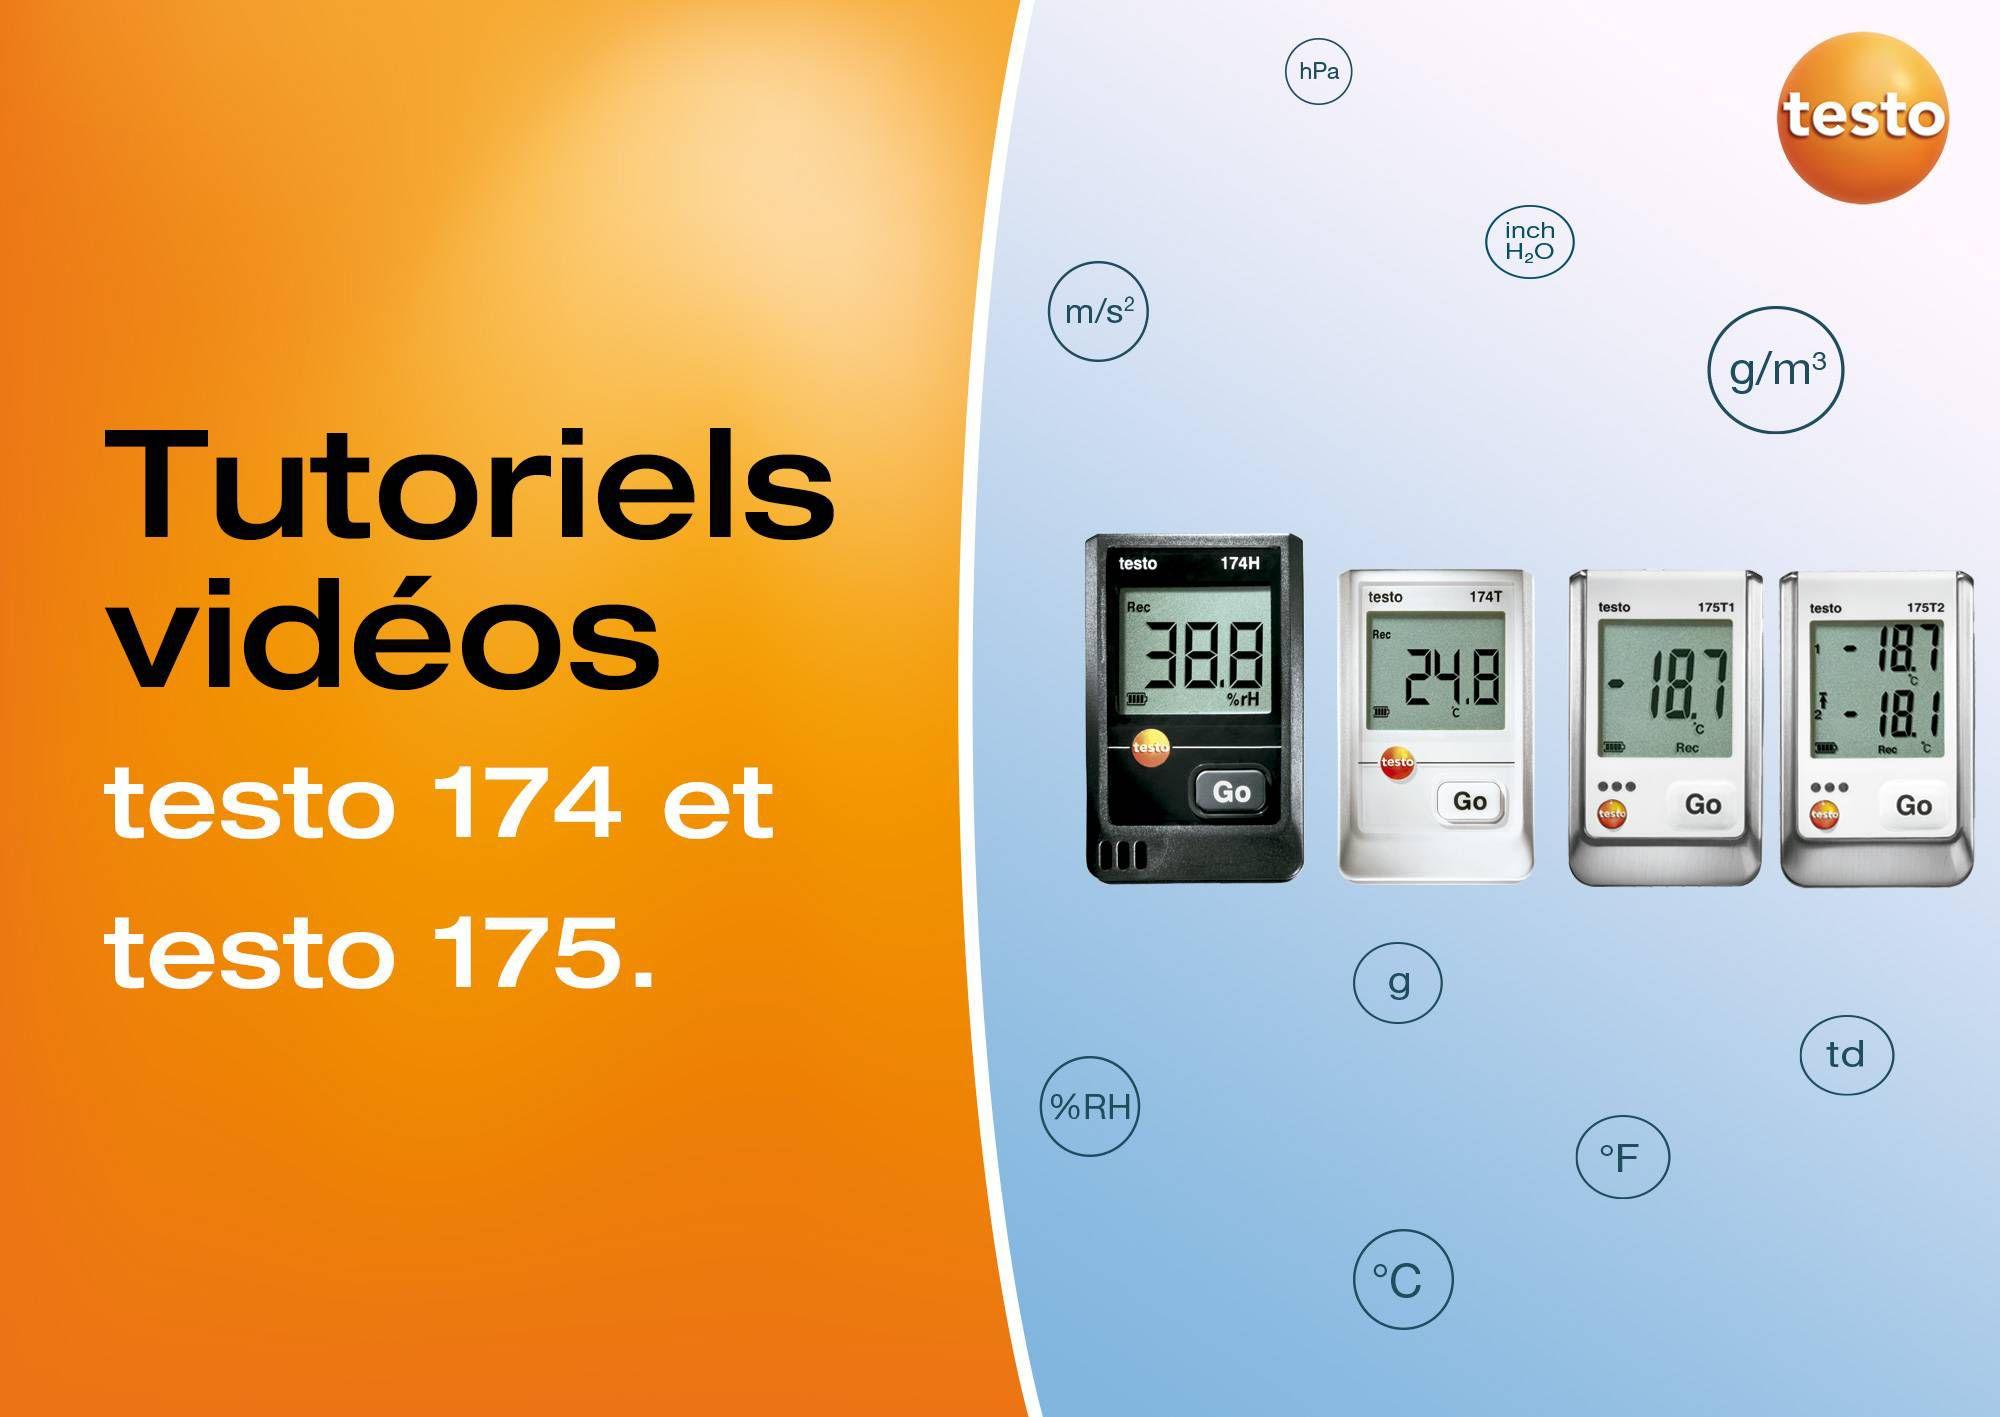 tutoriels-vidéo-testo-174-175